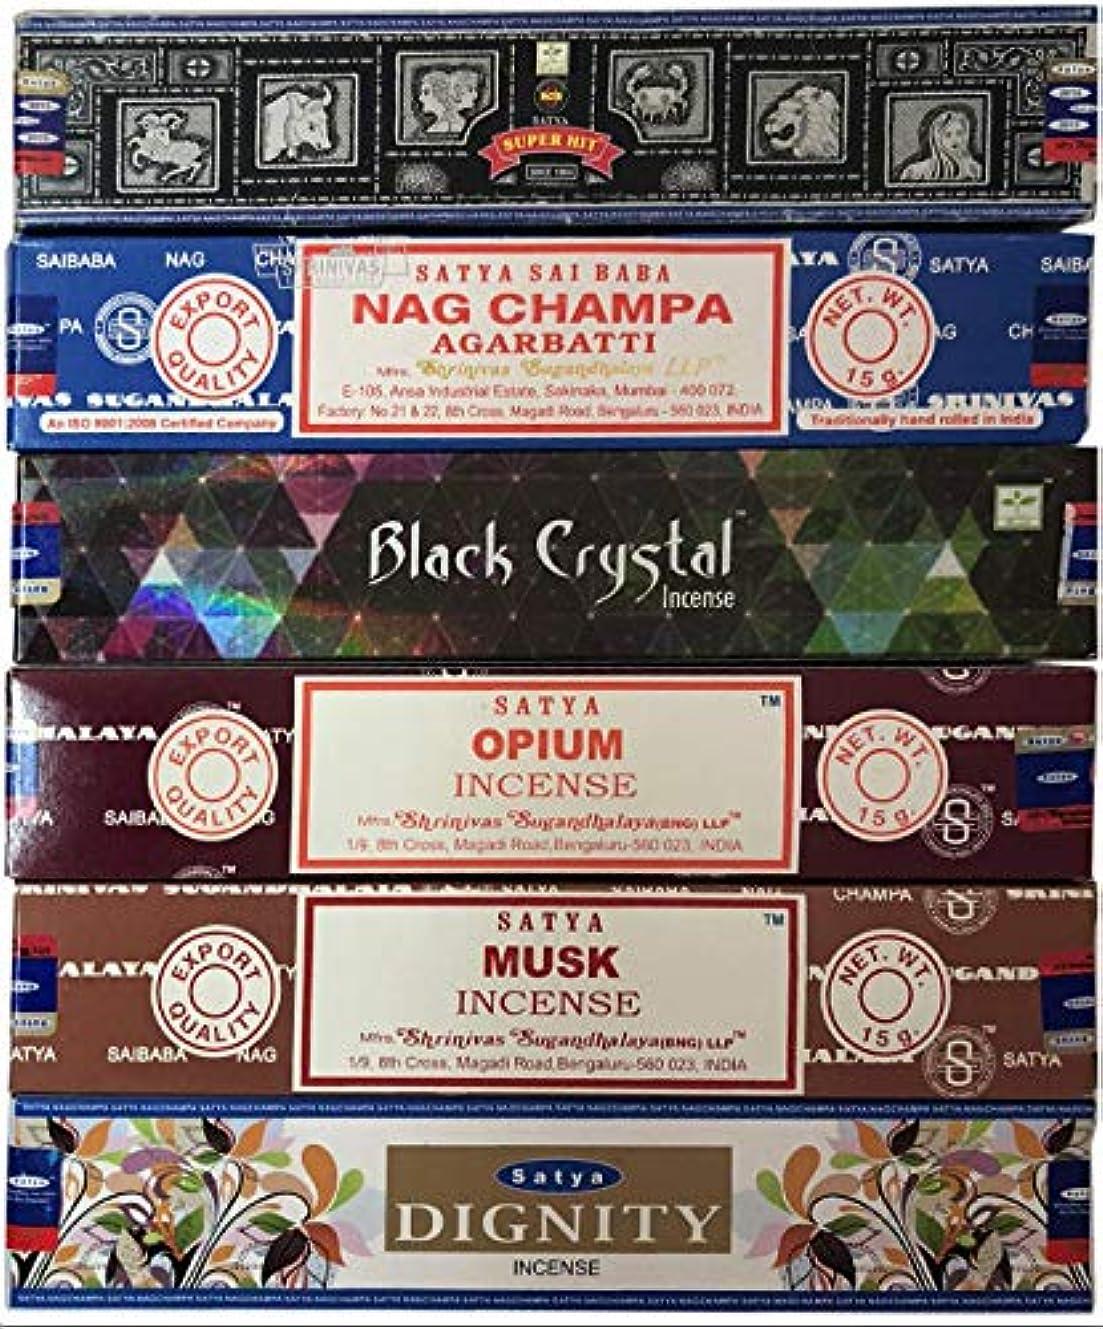 描写リーフレット堀Nag Champa 6ピース バラエティーパック ナグチャンプ スーパーヒット ブラッククリスタル オピウム ムスク ディグニティ